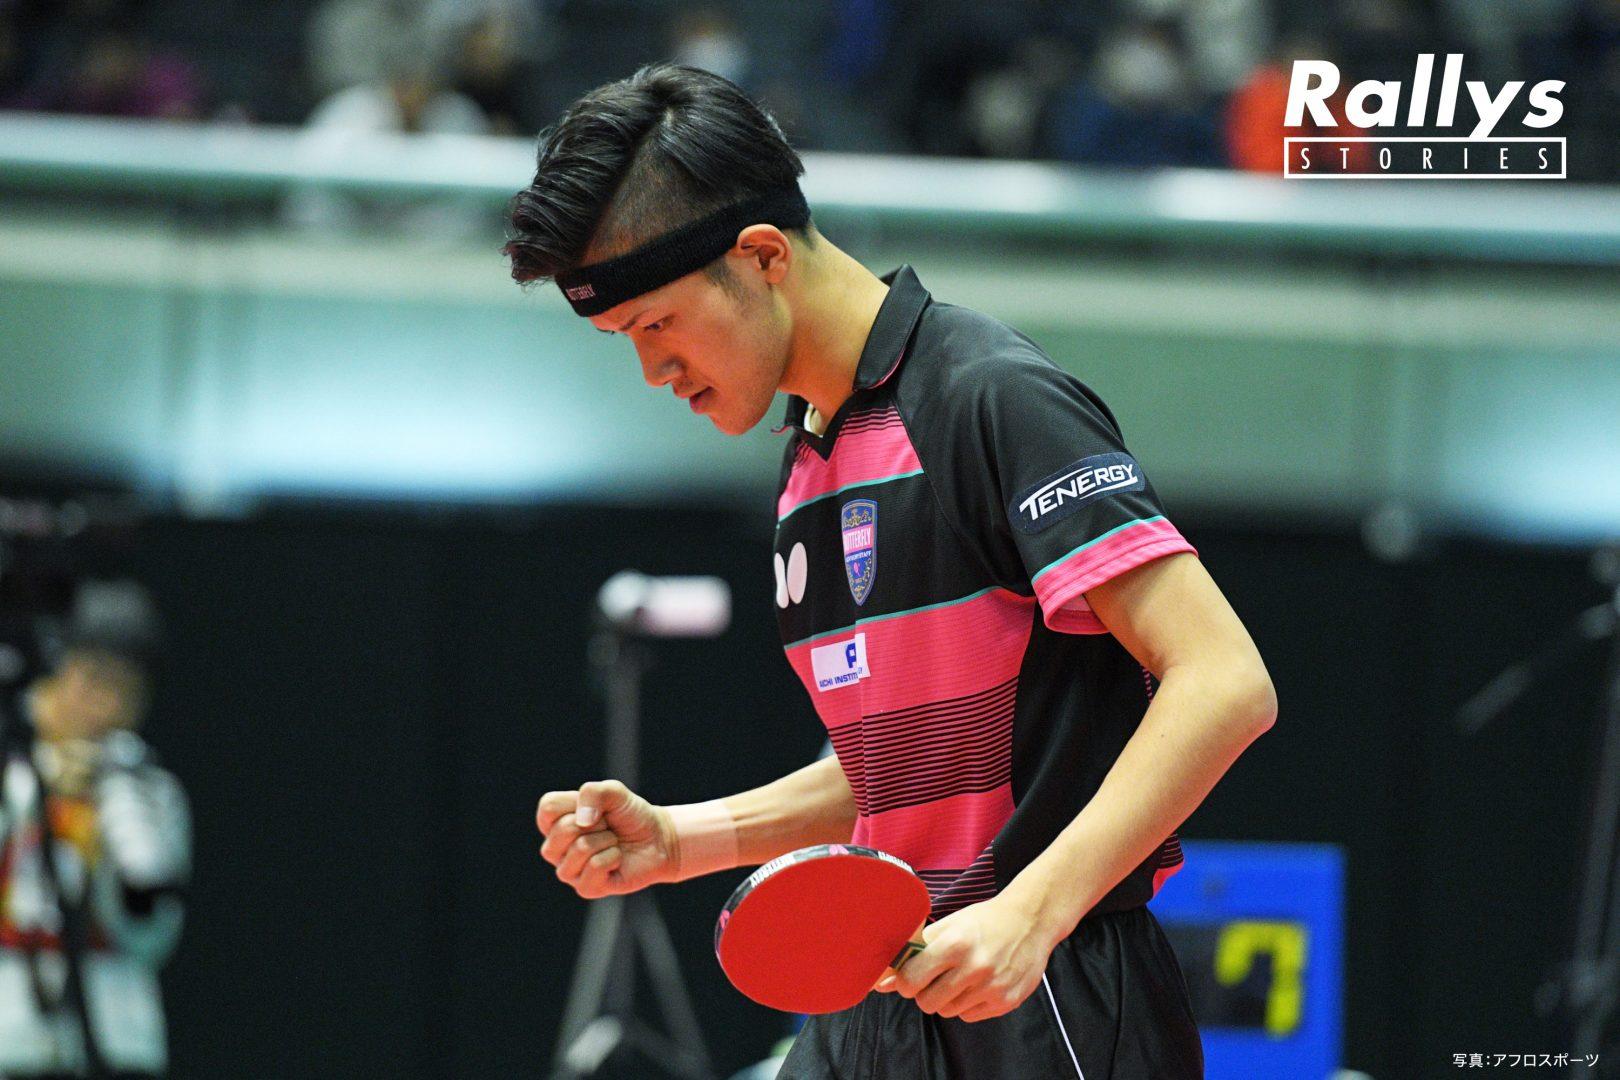 【卓球Photo Story】どこでも1番を目指す。〈真晴の弟〉を超える吉村和弘の流儀